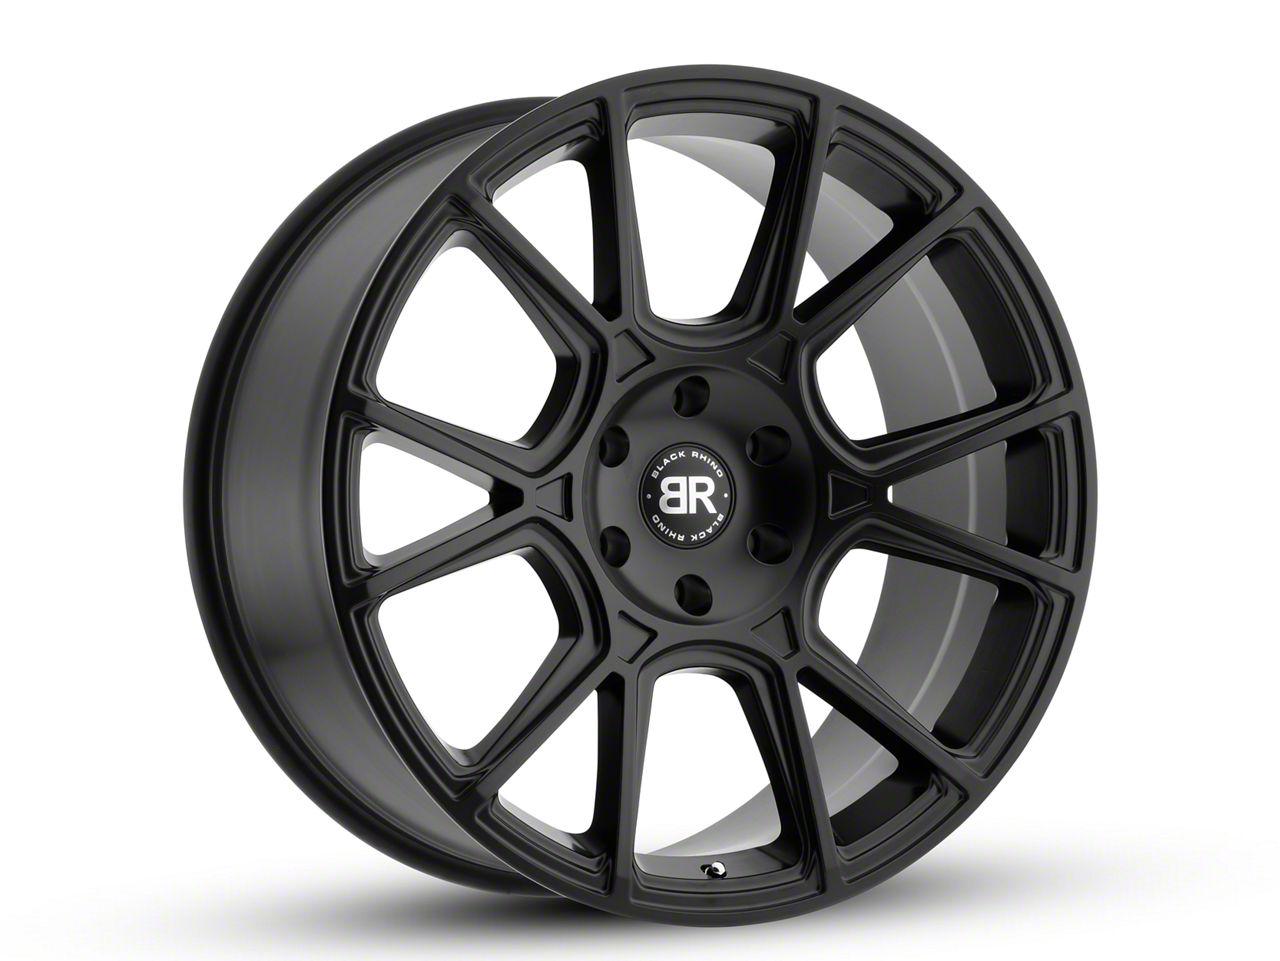 Black Rhino Mala Matte Black 6-Lug Wheel - 20x9.5 (99-18 Silverado 1500)